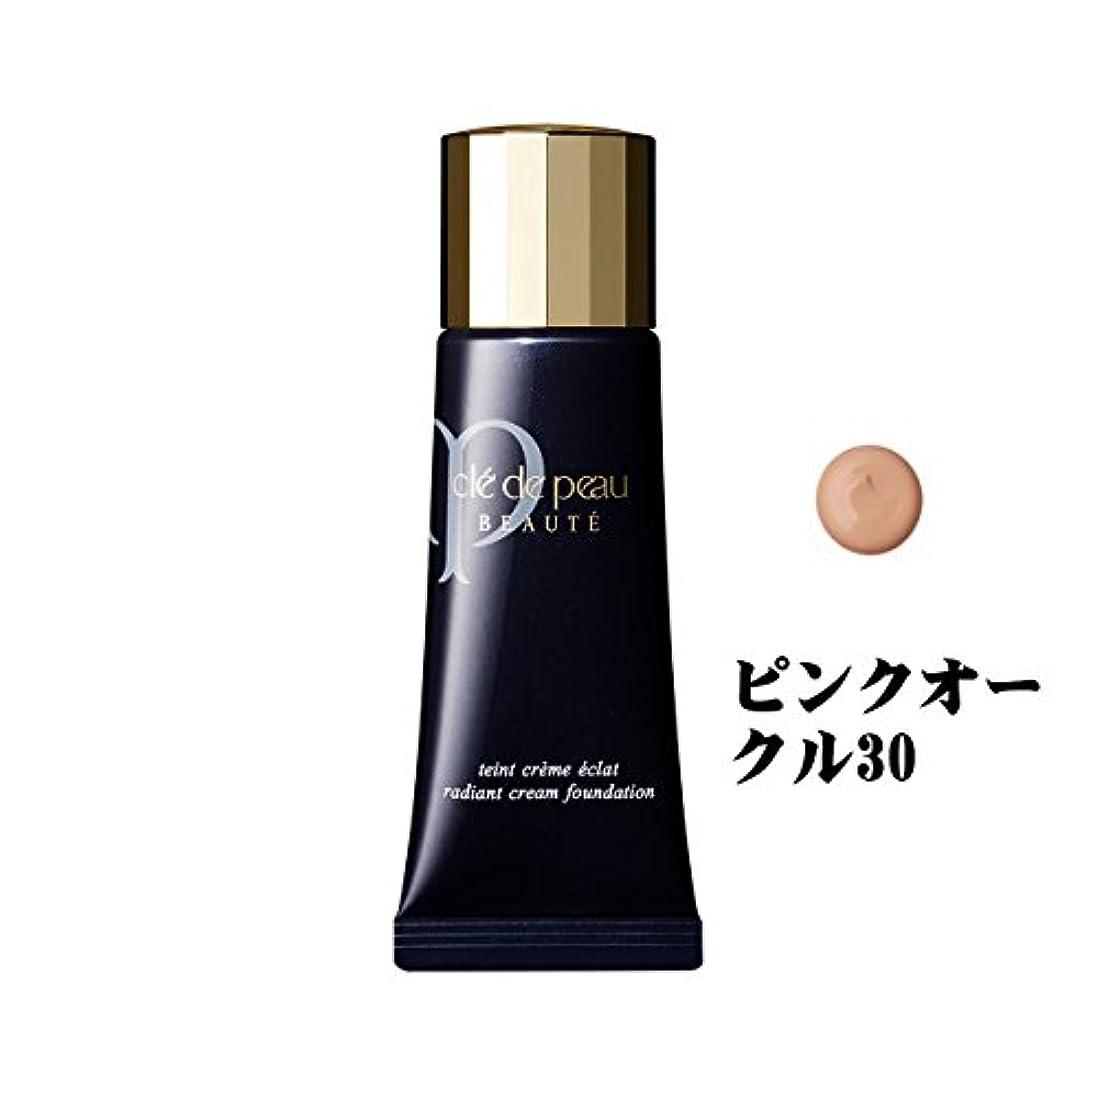 見出し刈る余分な資生堂/shiseido クレドポーボーテ/CPB タンクレームエクラ クリームタイプ SPF25?PA++ ピンクオークル30